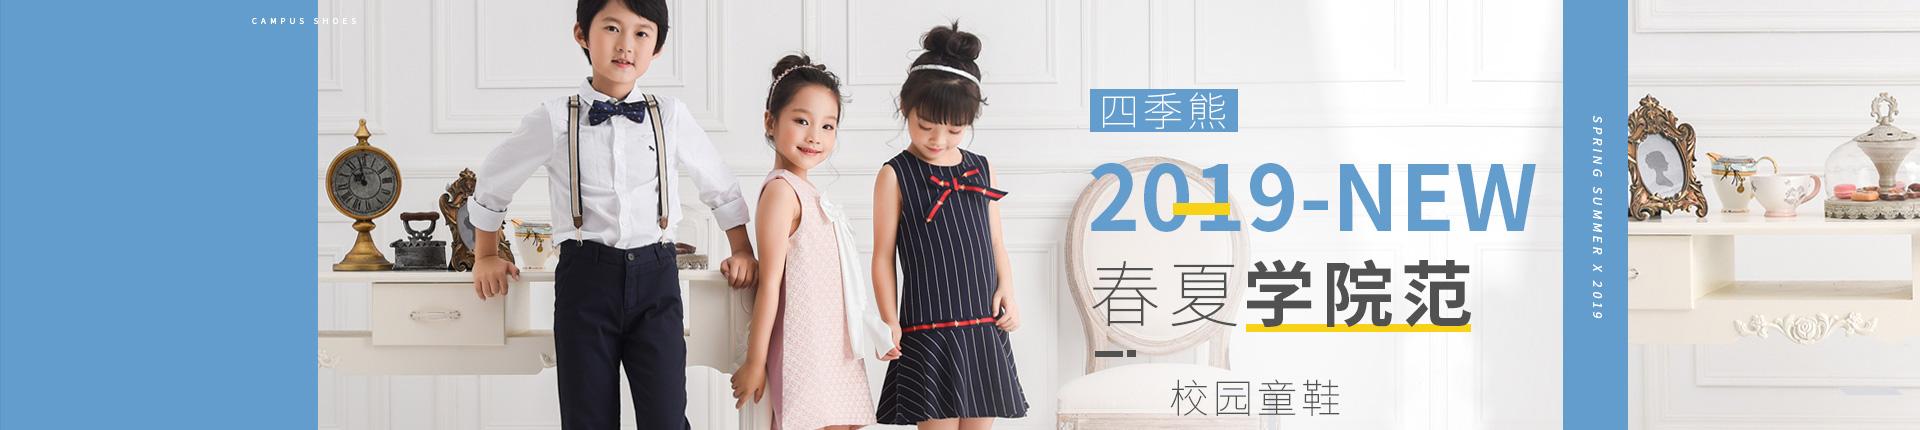 四季熊童鞋官方网站